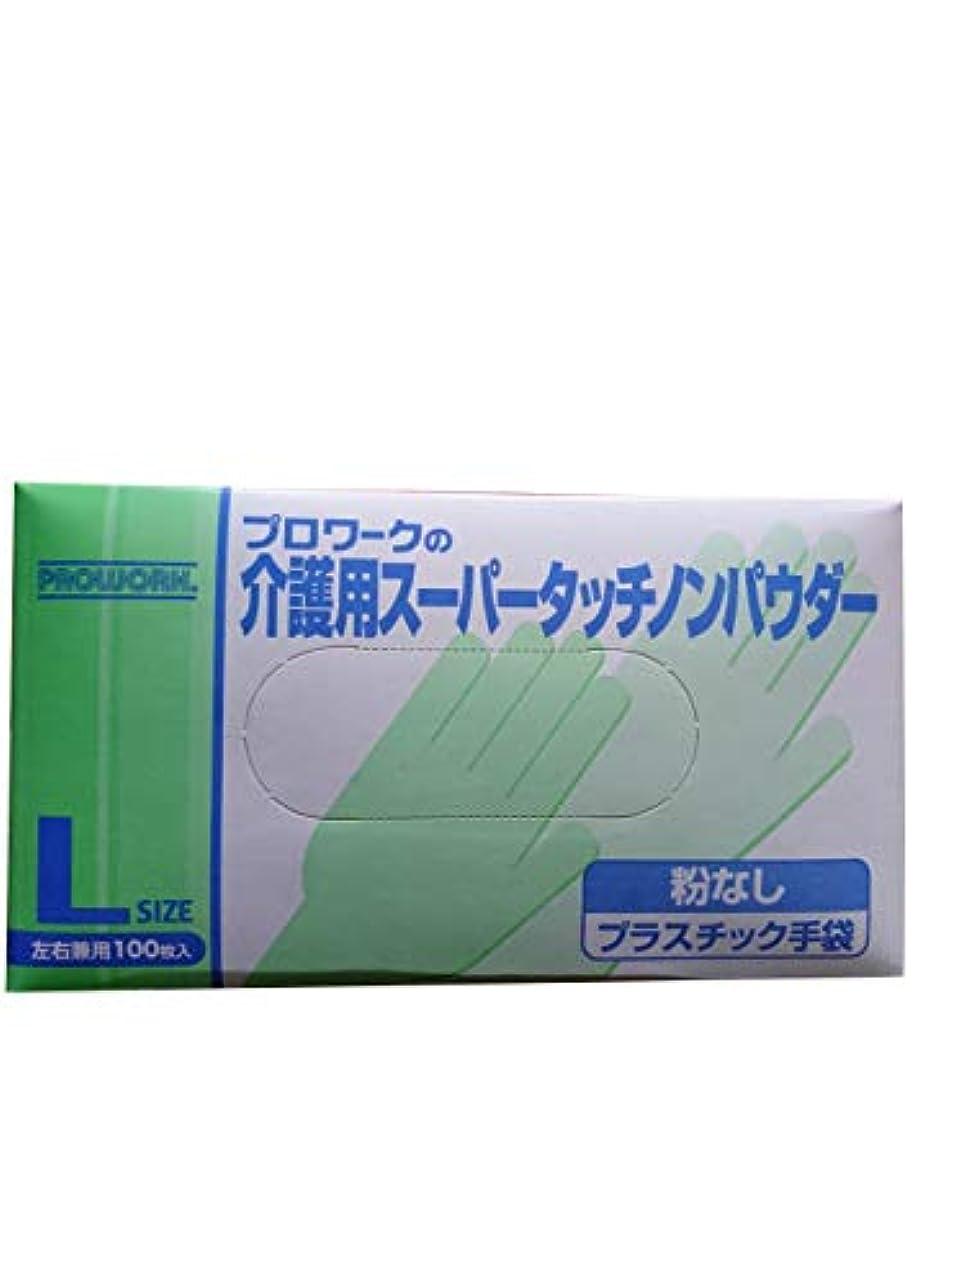 早熟討論エンゲージメント介護用スーパータッチノンパウダー プラスチック手袋 粉なし Lサイズ 左右兼用100枚入